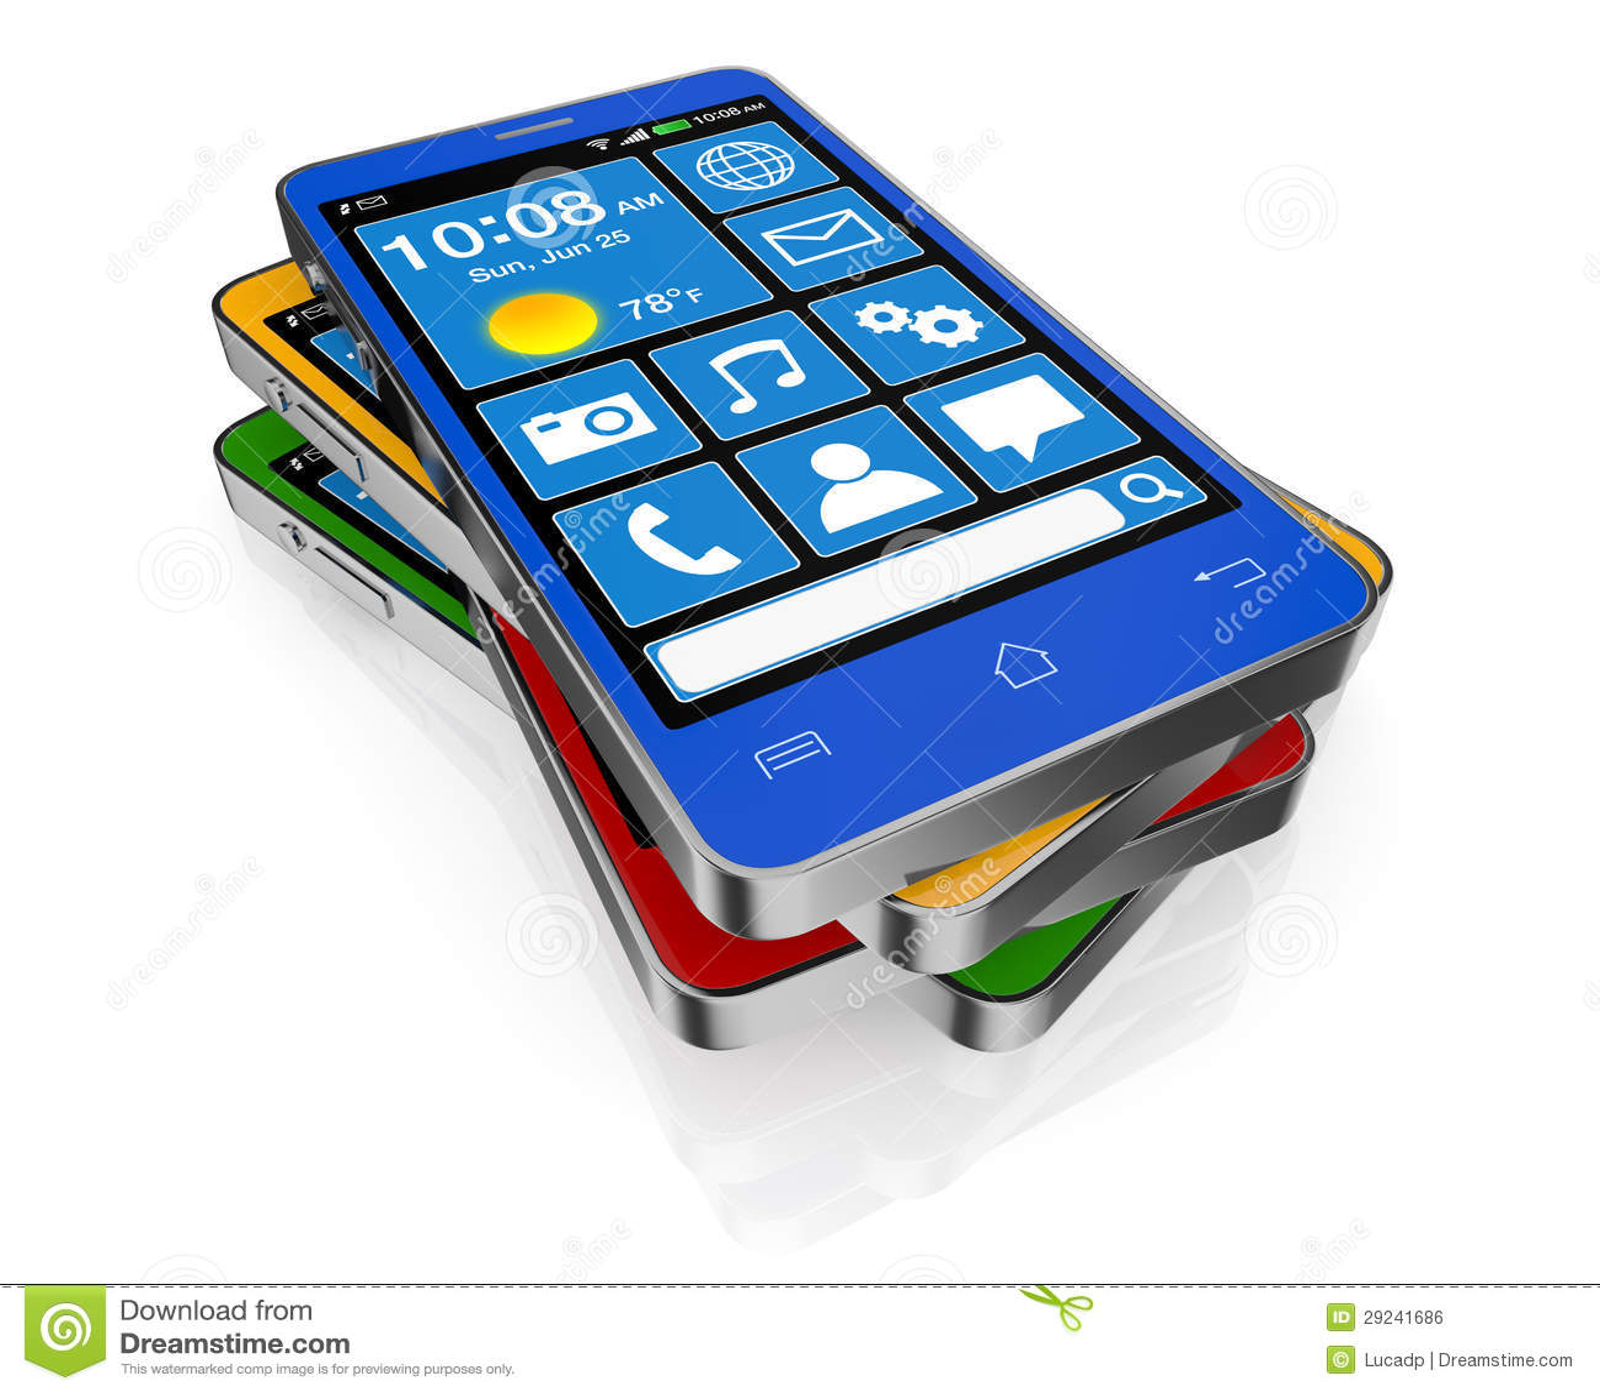 Download Telemóvel ou smartphone ilustração stock. Ilustração de conexão - 29241686